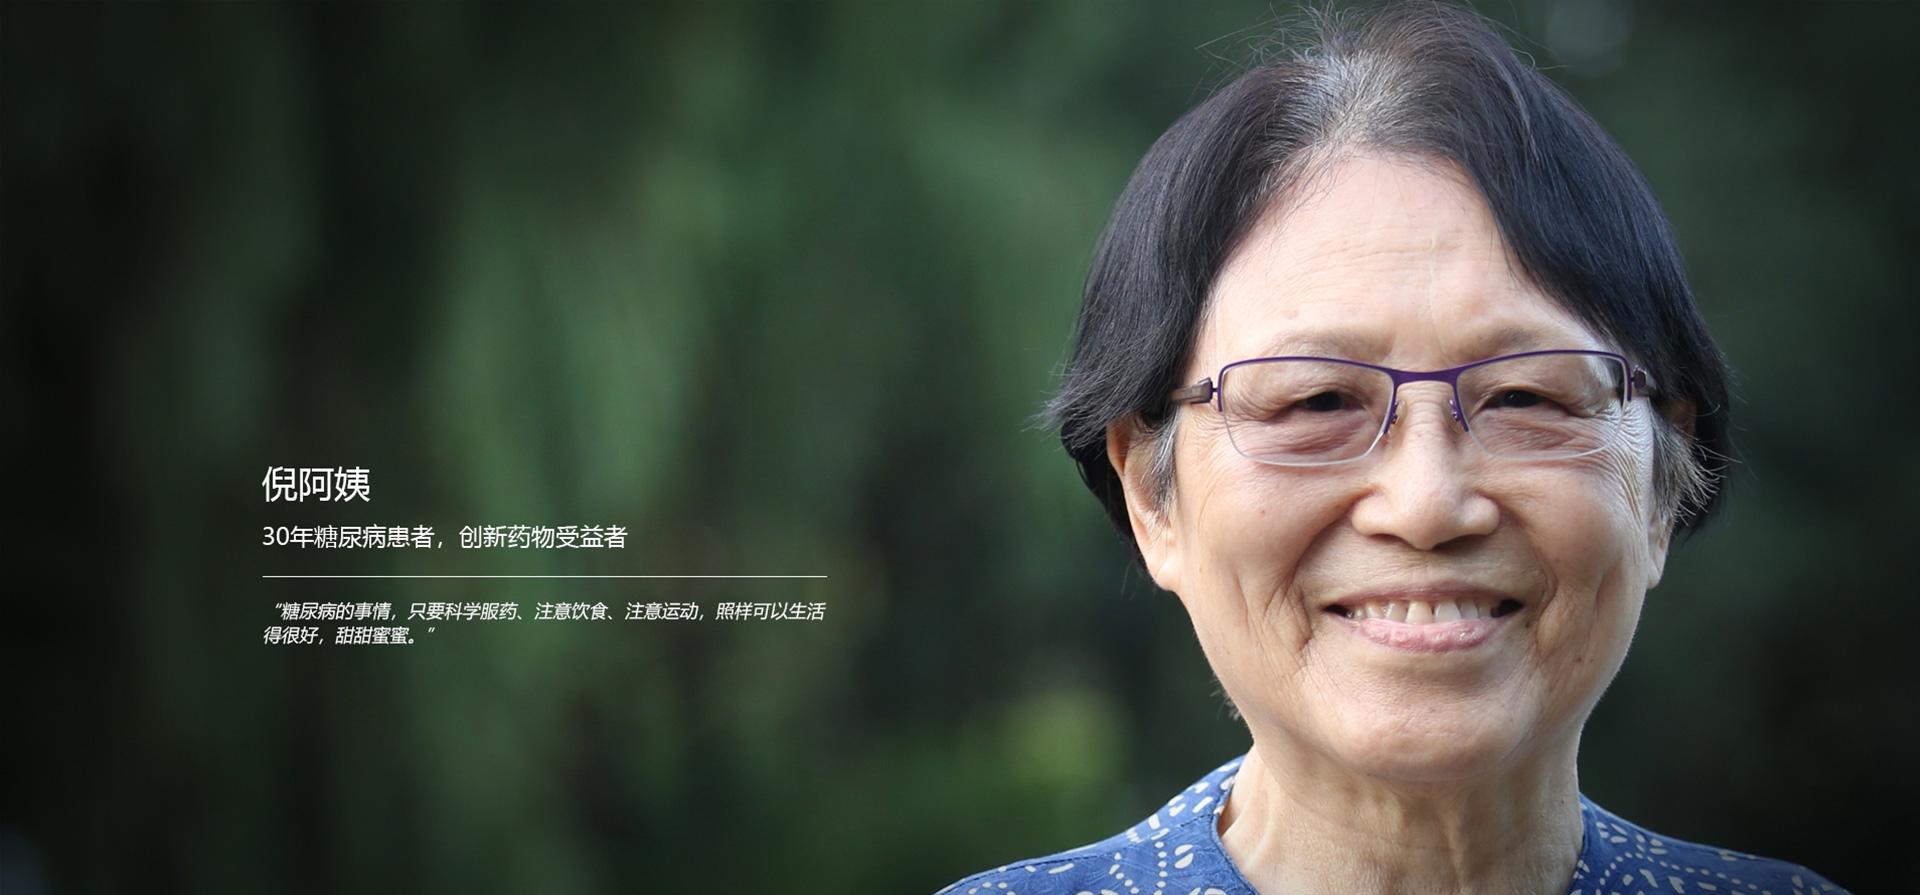 入境被拒4次后获准跨国见患癌姊姊